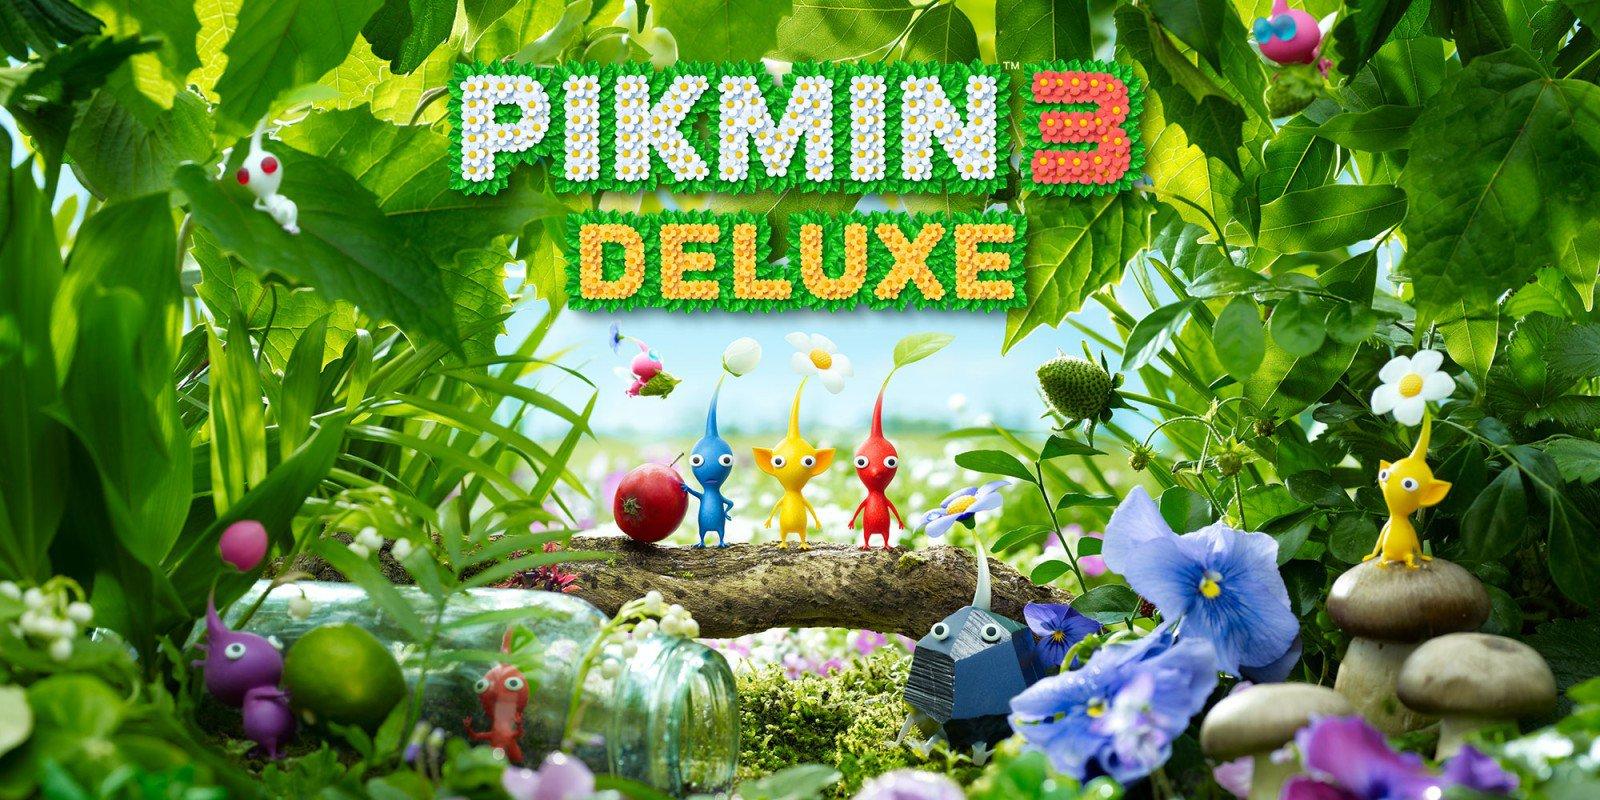 Imagem promocional de pikmin 3 deluxe.